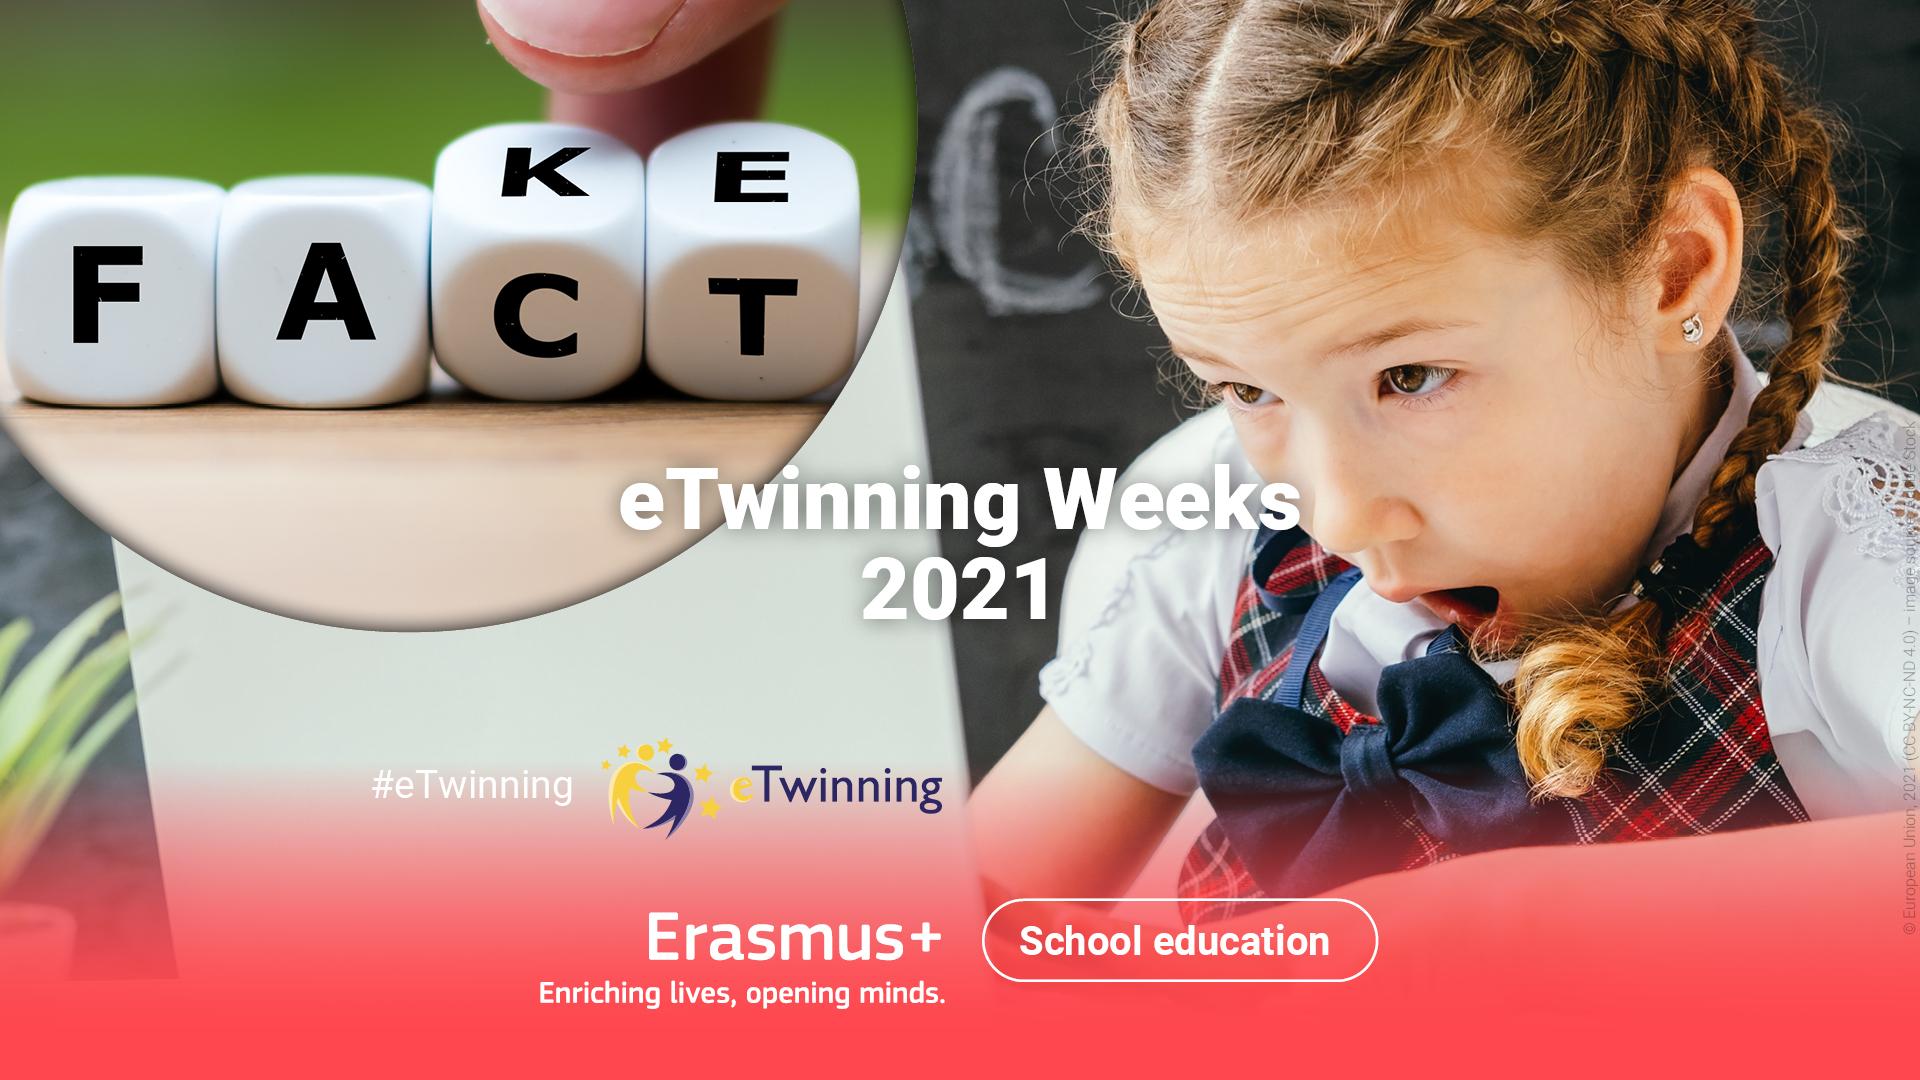 ¡Ya están aquí las eTwinning weeks 2021!